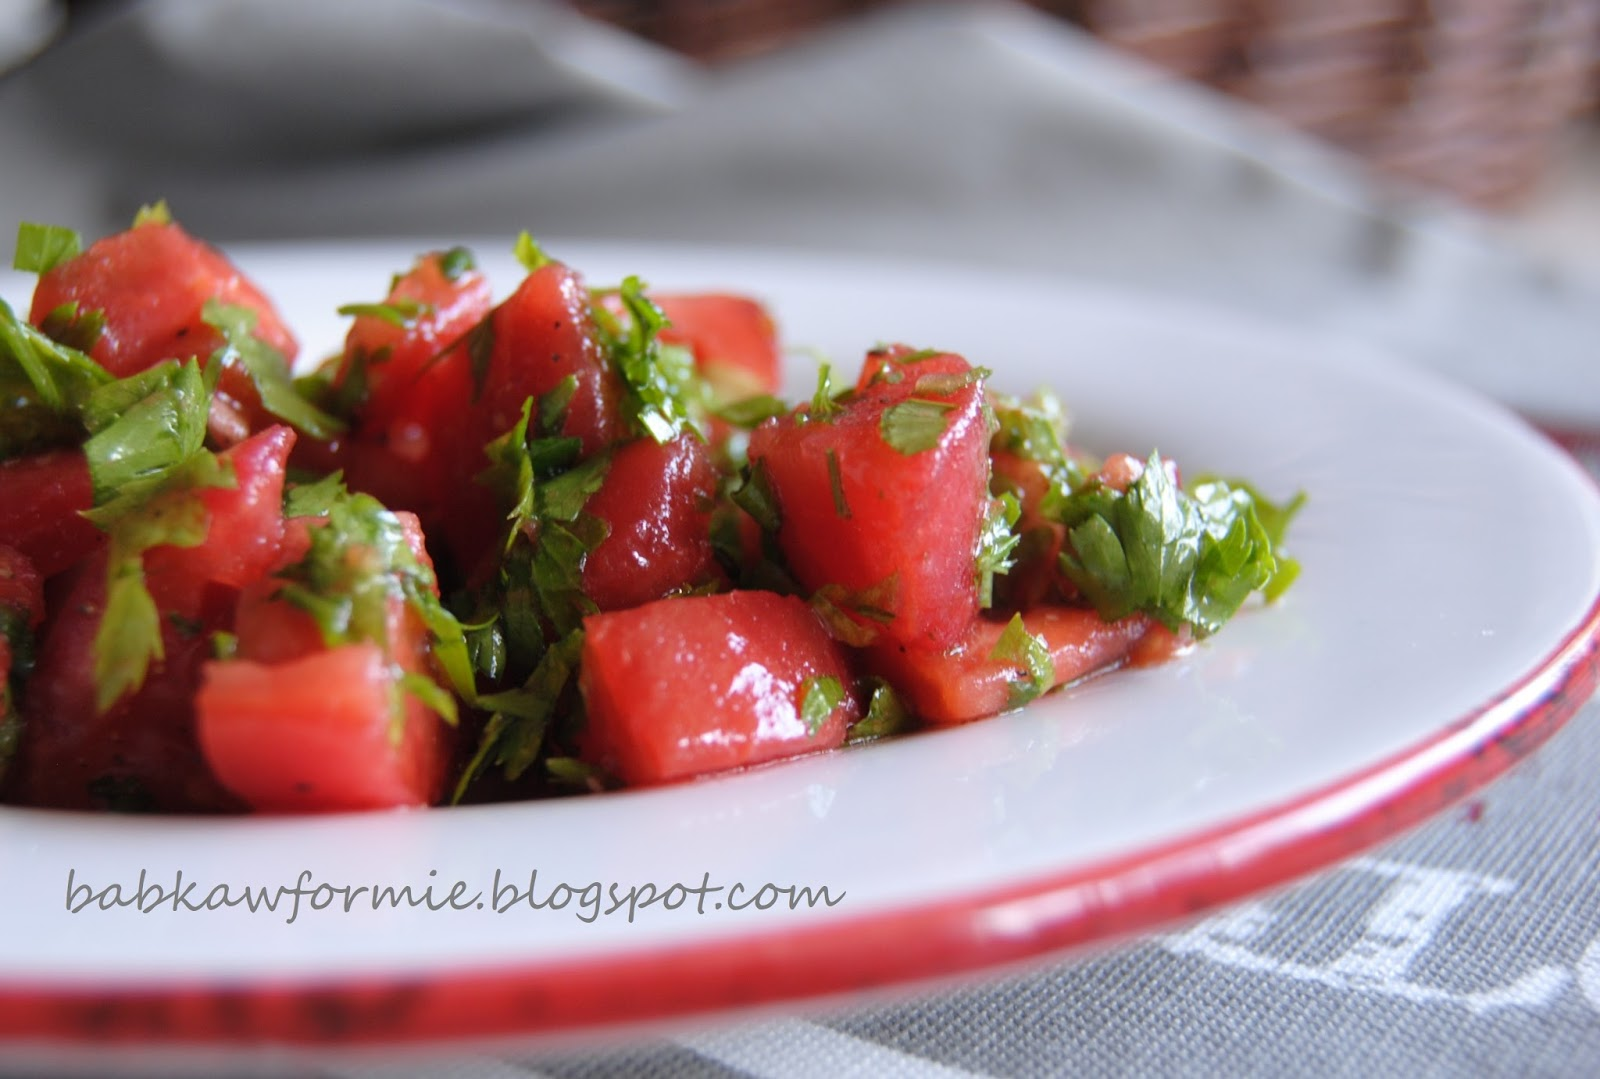 najprostsza sałatka z pomidorów babkawformie.blogspot.com